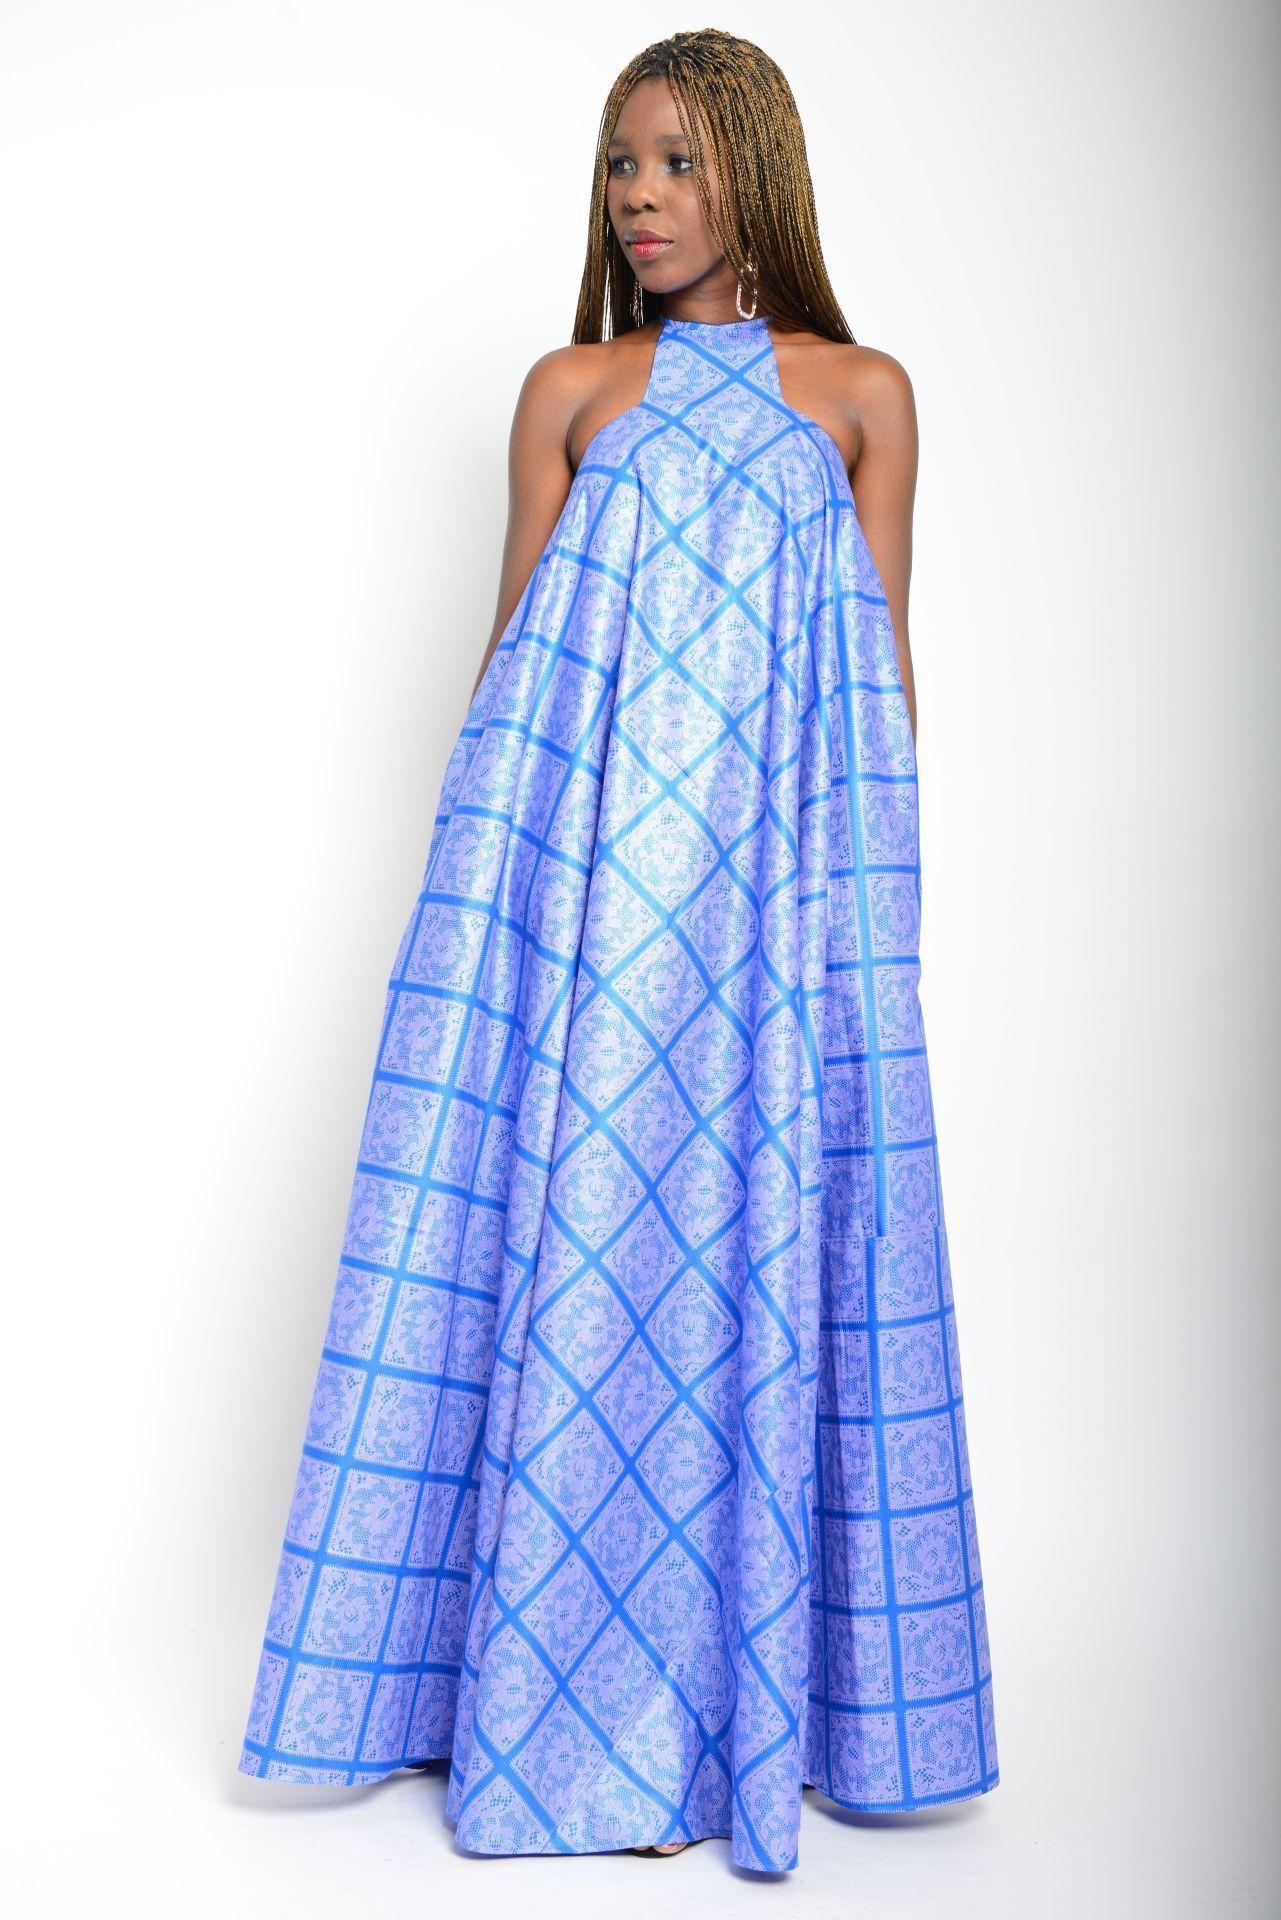 Afrikanisches Kleid Sylvia #afrikanischeskleid Afrikanisches Kleid Sylvia #afrikanischeskleid Afrikanisches Kleid Sylvia #afrikanischeskleid Afrikanisches Kleid Sylvia #afrikanischeskleid Afrikanisches Kleid Sylvia #afrikanischeskleid Afrikanisches Kleid Sylvia #afrikanischeskleid Afrikanisches Kleid Sylvia #afrikanischeskleid Afrikanisches Kleid Sylvia #afrikanischeskleid